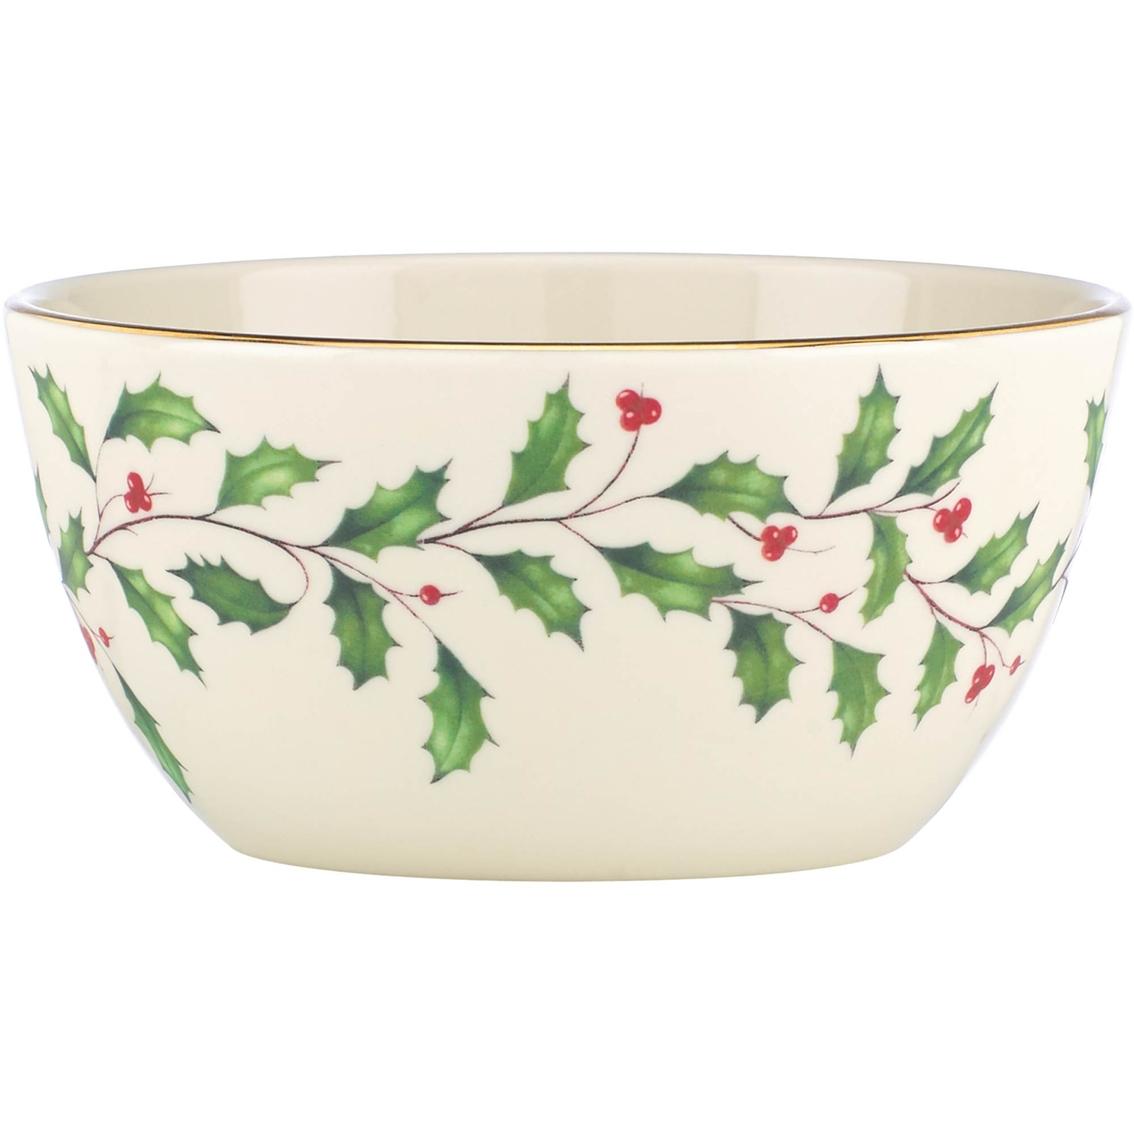 Lenox bowl bowls home appliances shop the exchange